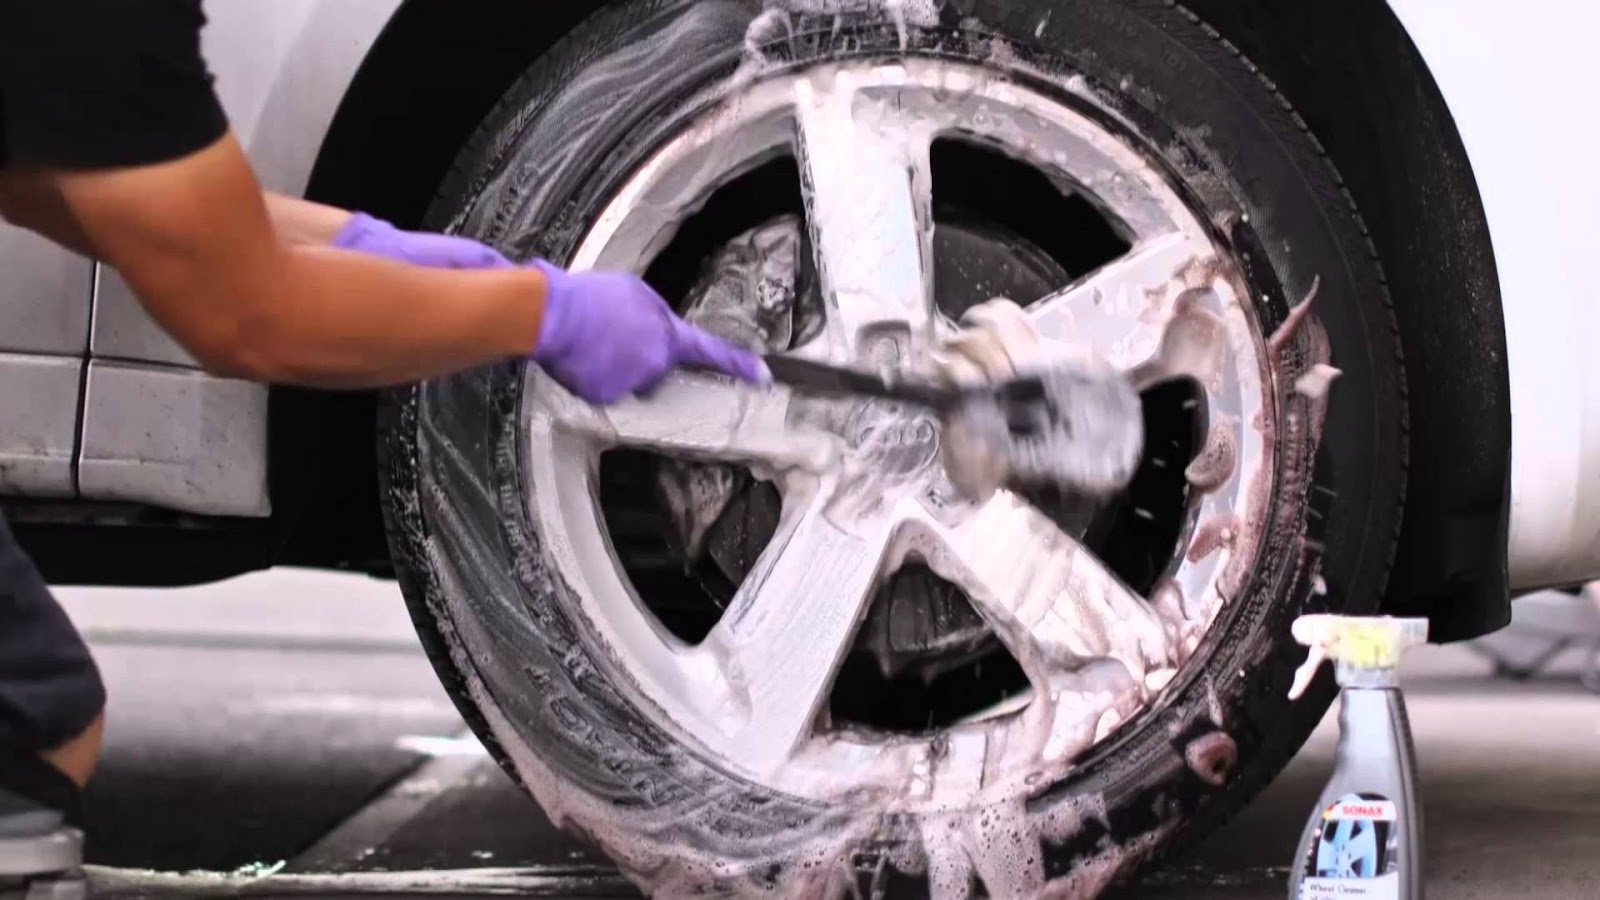 comment nettoyer les pneus de voiture fiche technique auto. Black Bedroom Furniture Sets. Home Design Ideas